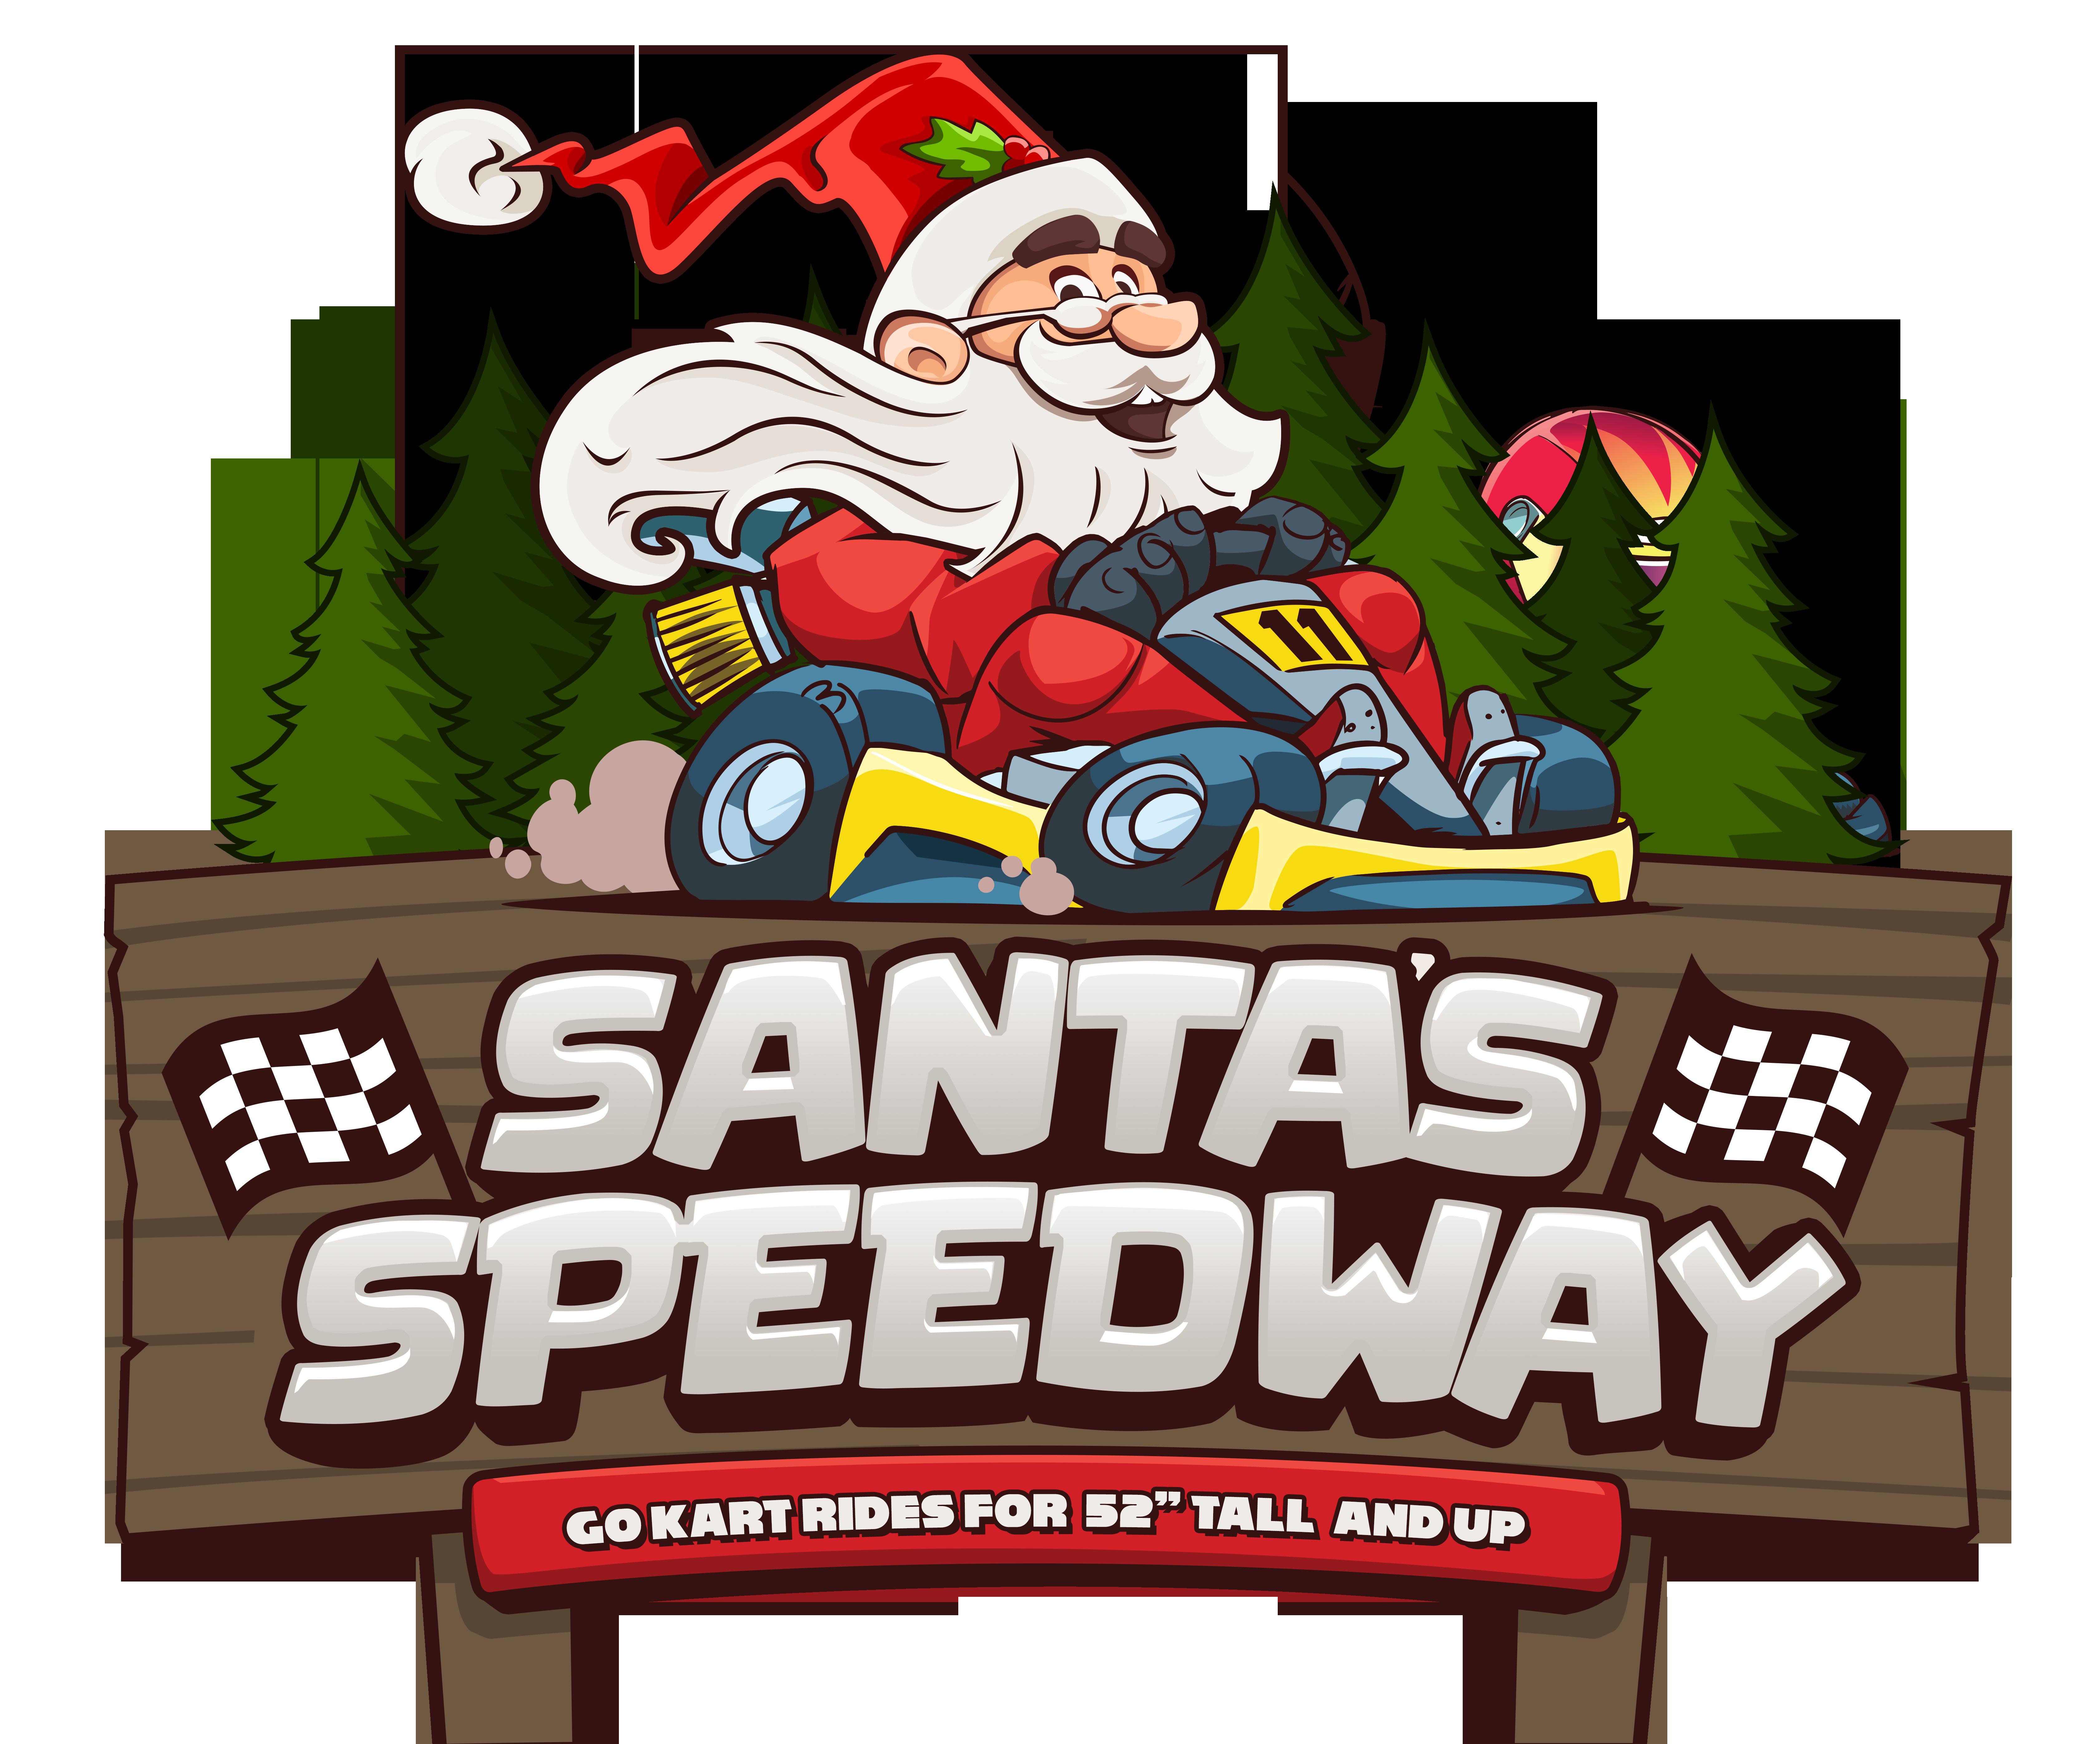 santas-speedway-sign-52-final-1